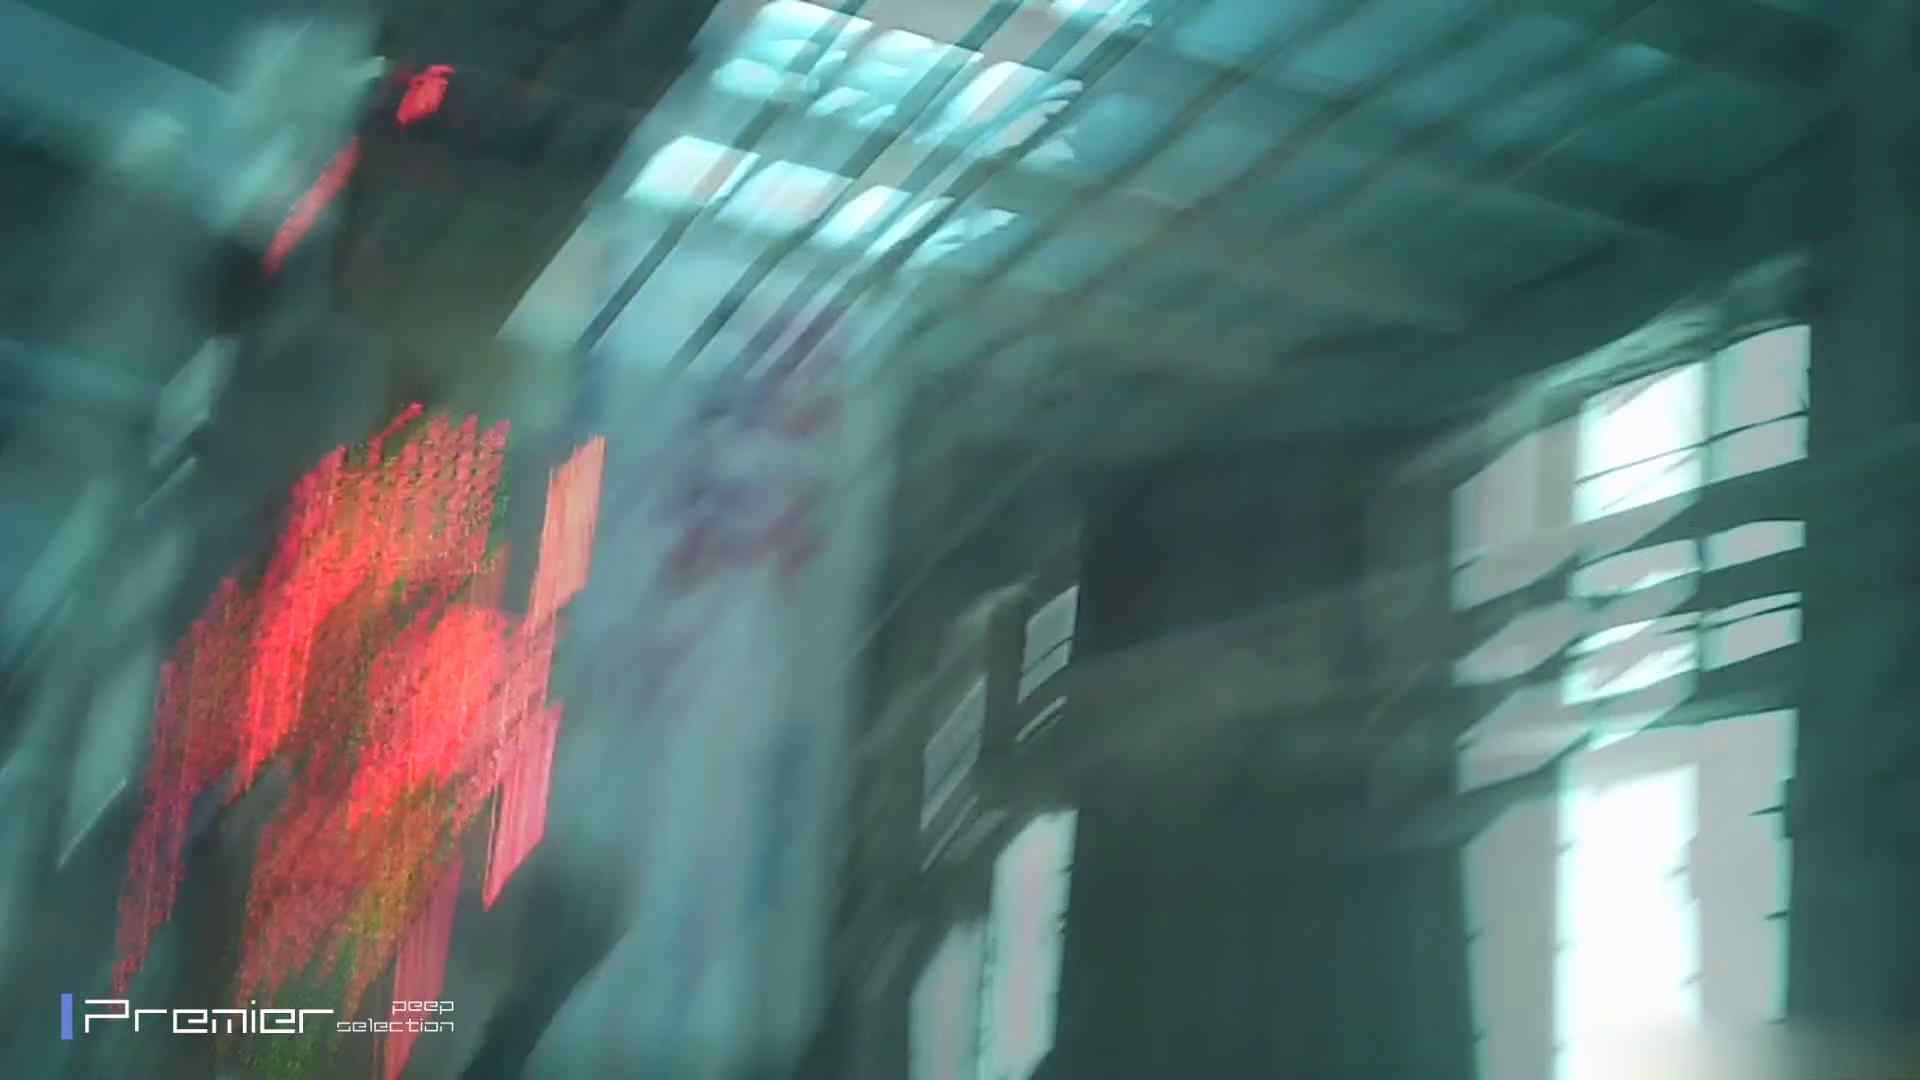 ギャルのパンチラ 美女の痴態に密着!Vol.13 盗撮 オメコ無修正動画無料 55pic 27